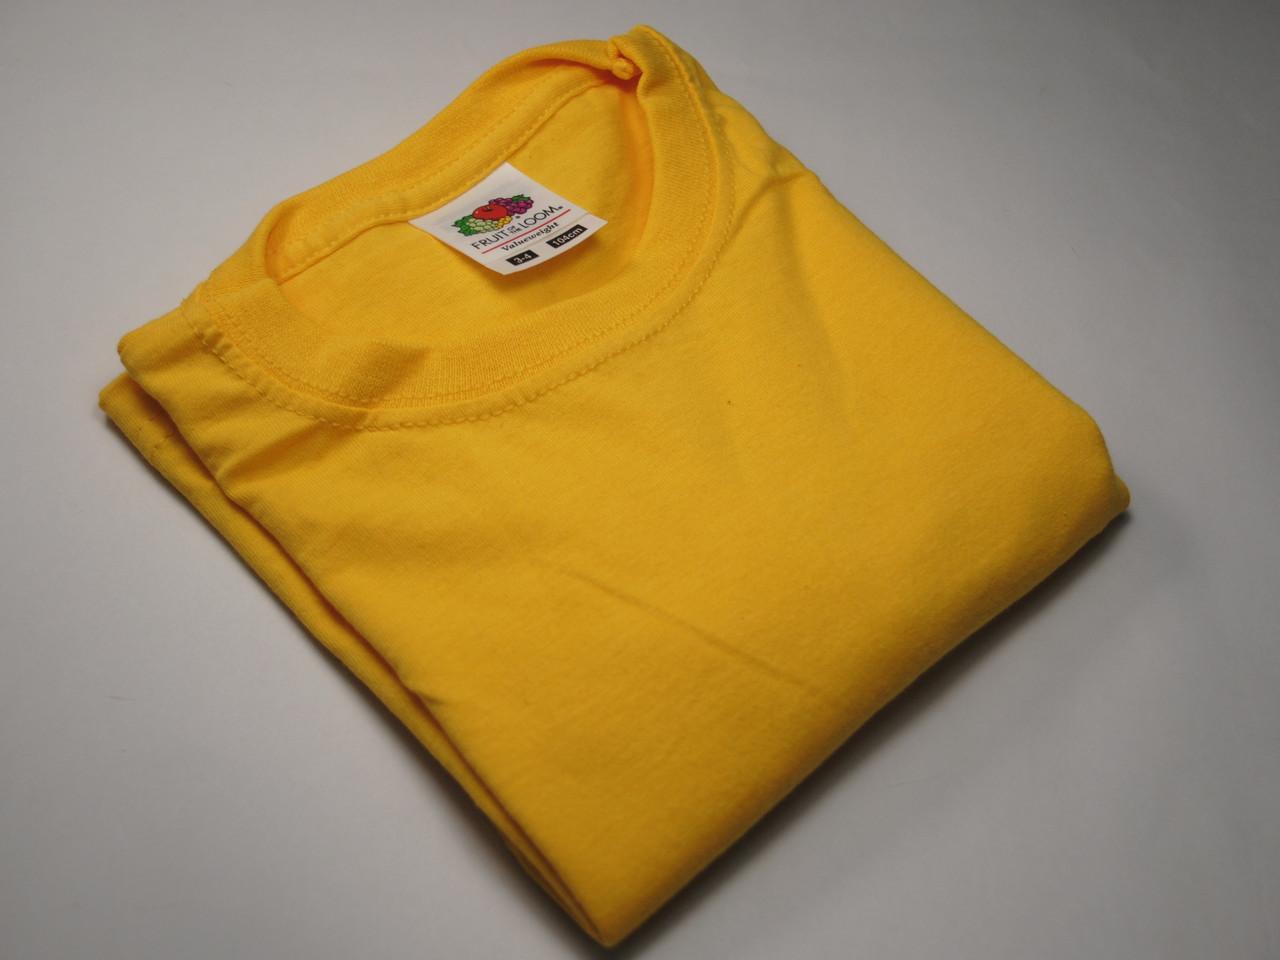 Классическая футболка для мальчика Солнечно-жёлтая размер 9-11 лет (140 см) 61-033-34